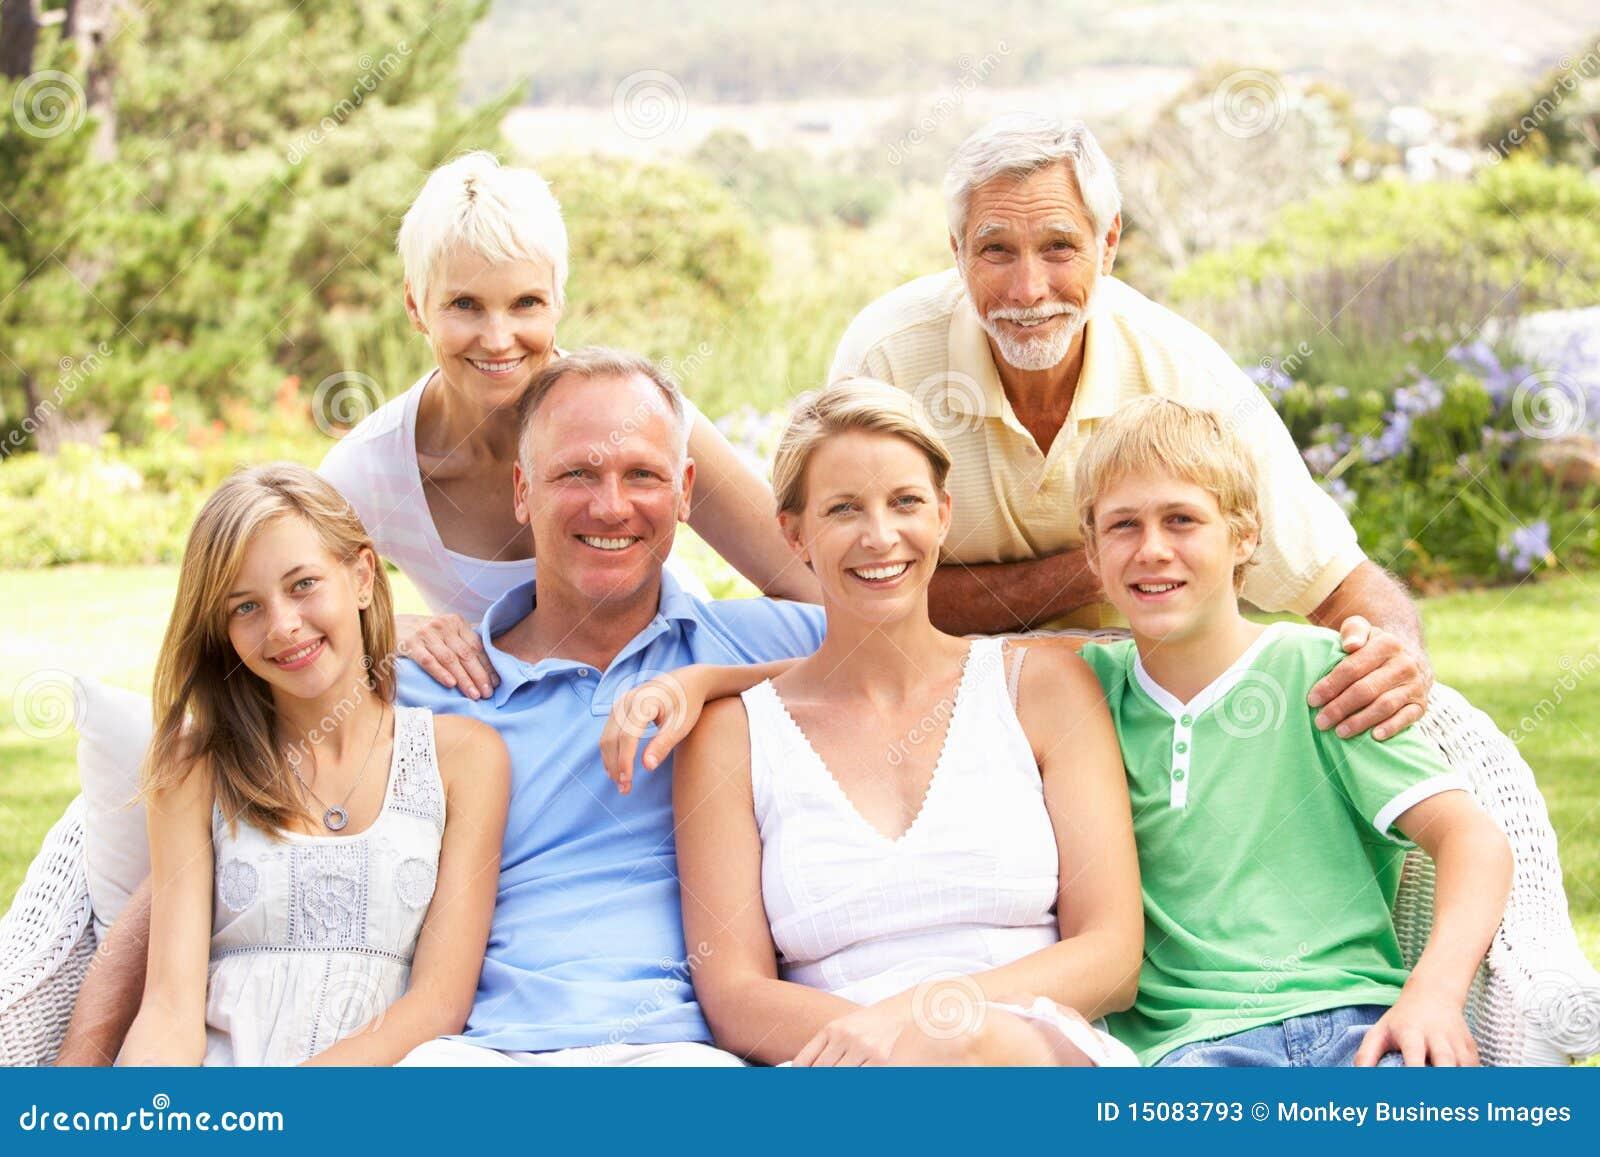 Русские фото семей 12 фотография